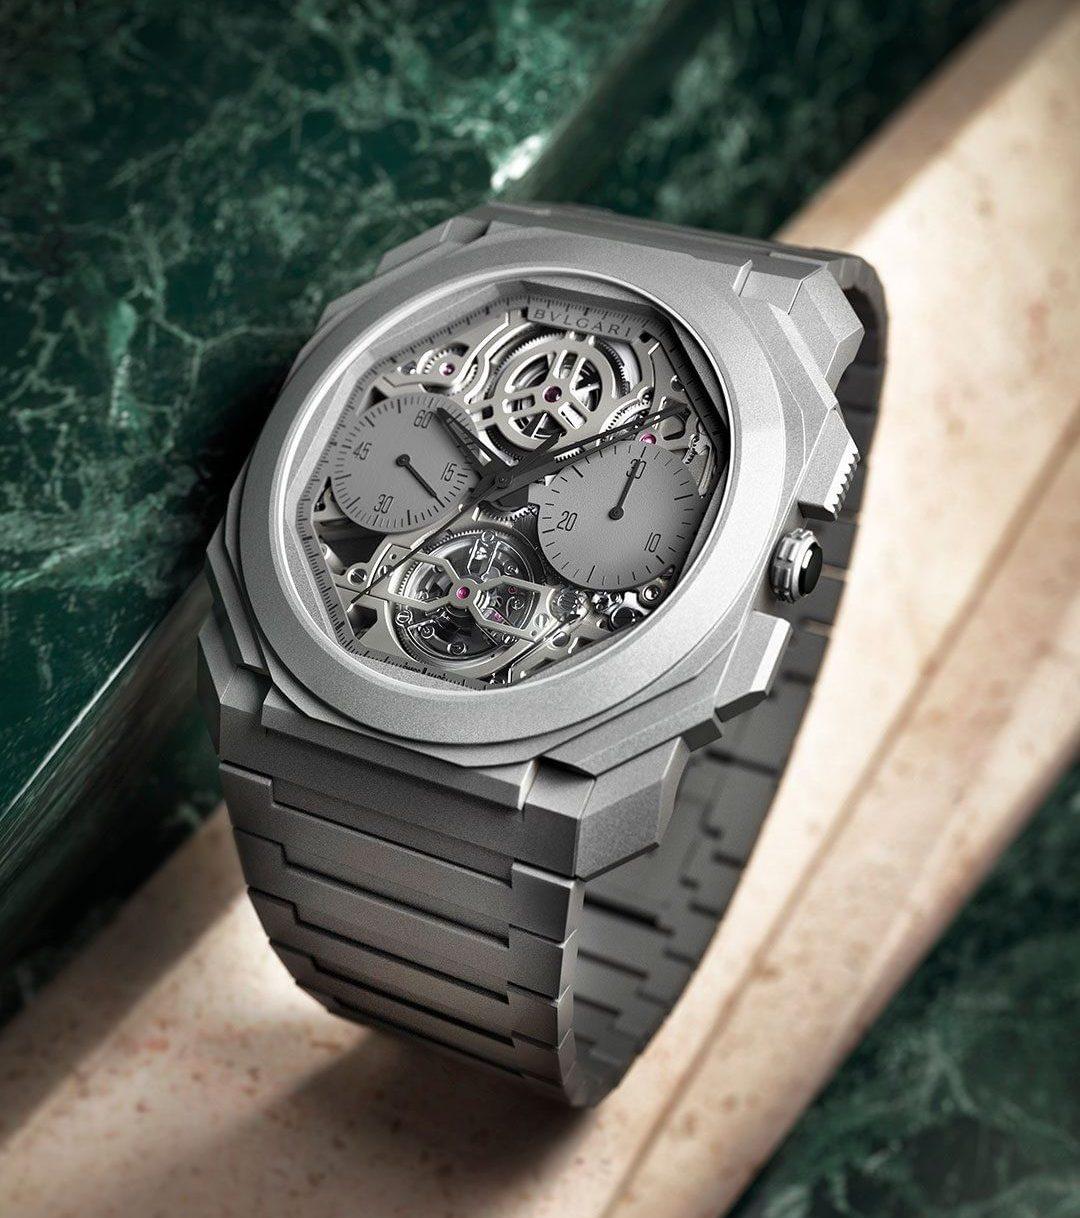 Geneva Watch Days- Bulgari Octo Finissimo Tourbillon Chronograph Skeleton Automatic